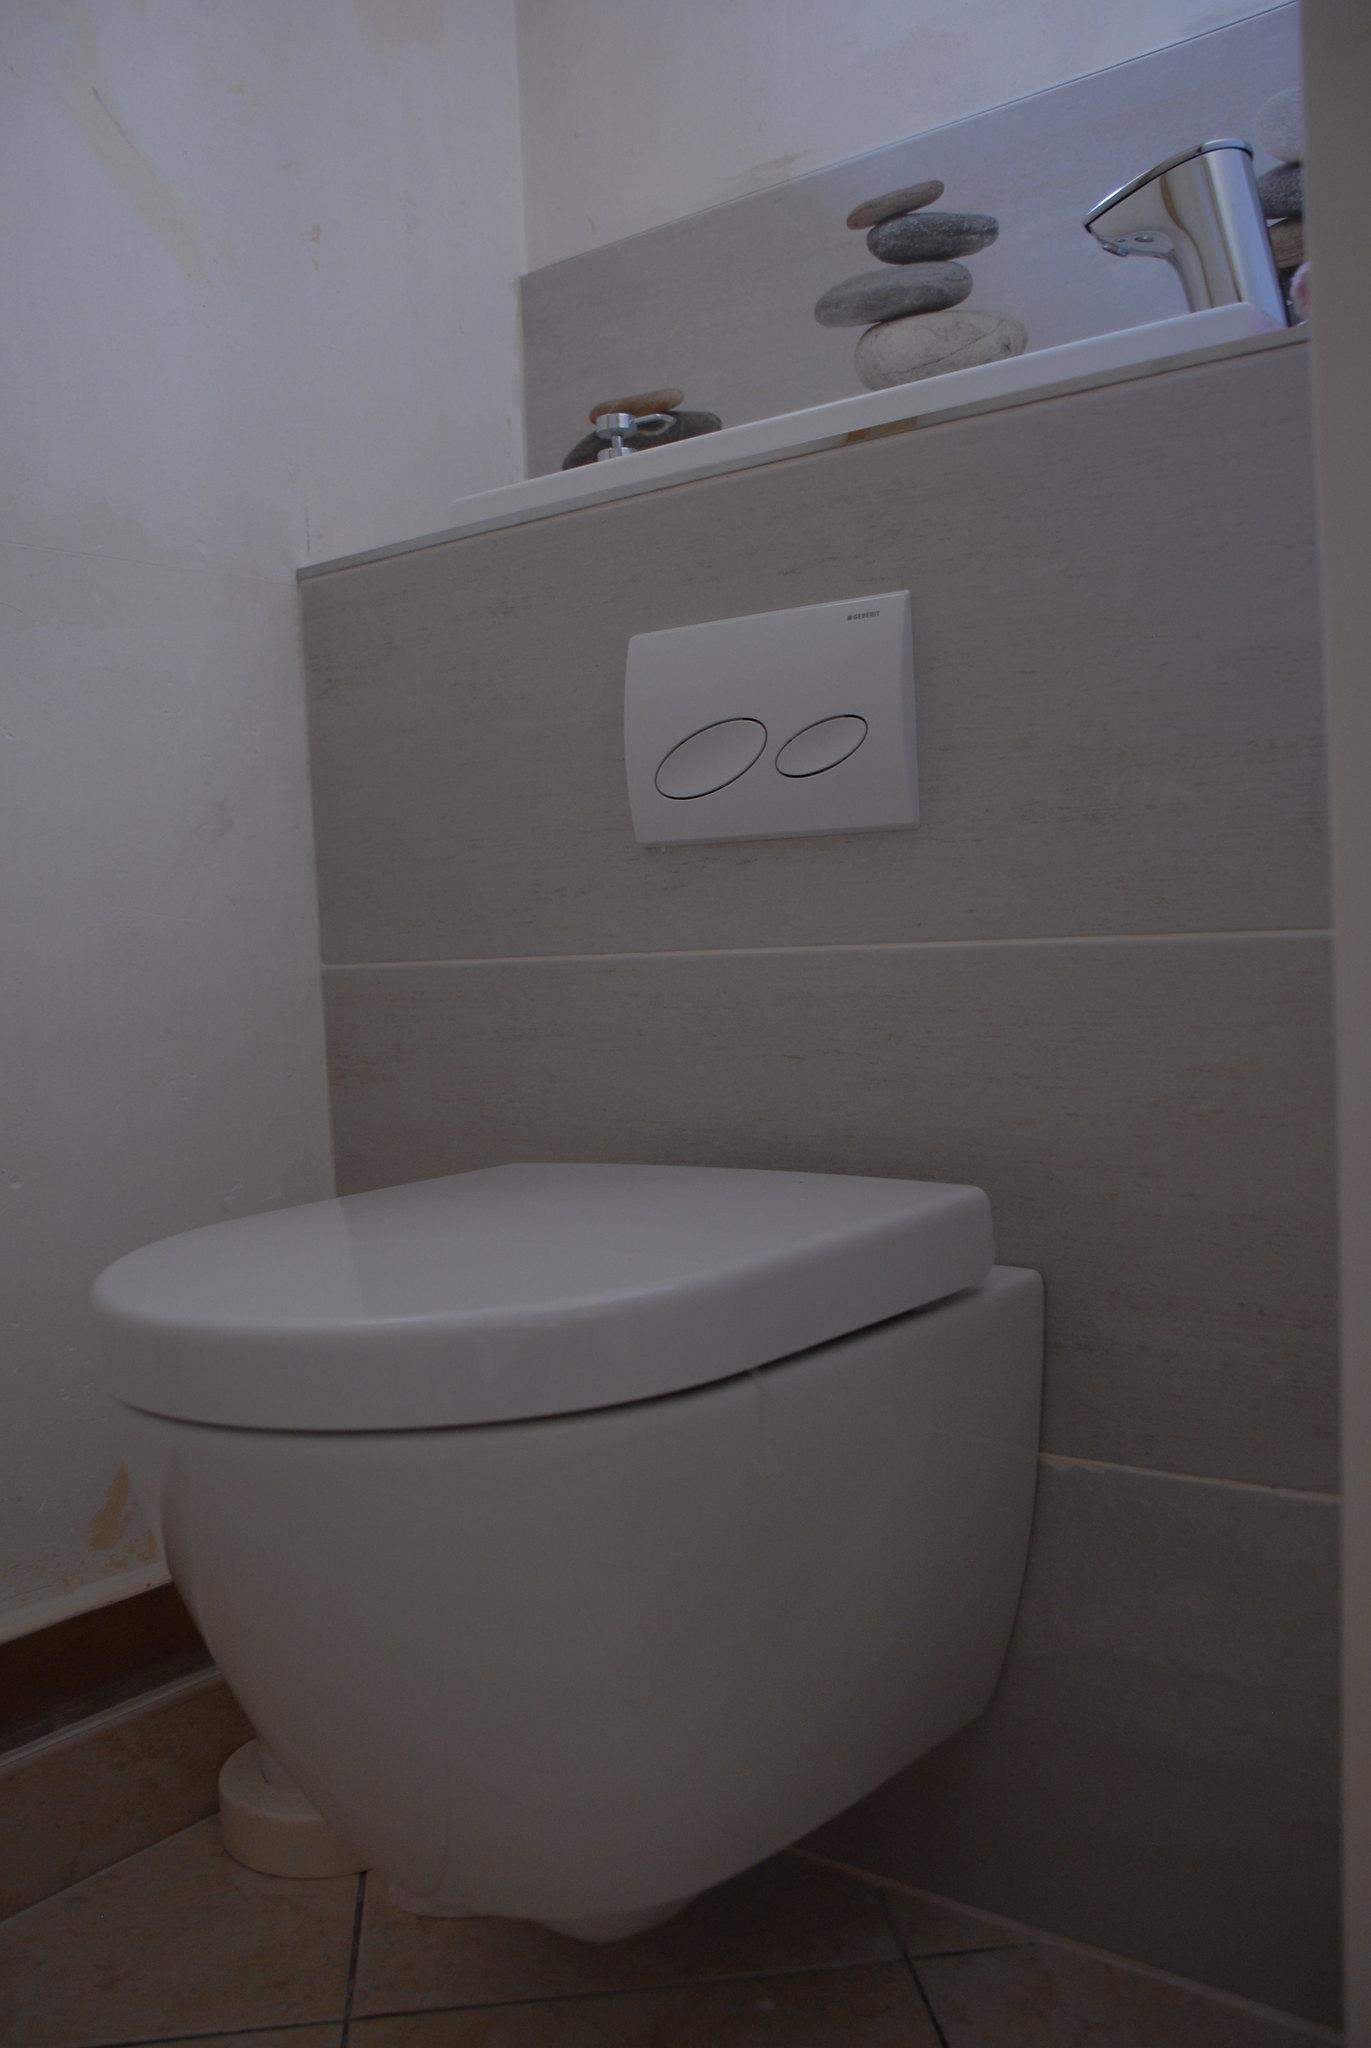 Lave Main Sur Wc Existant wici concept | flickr